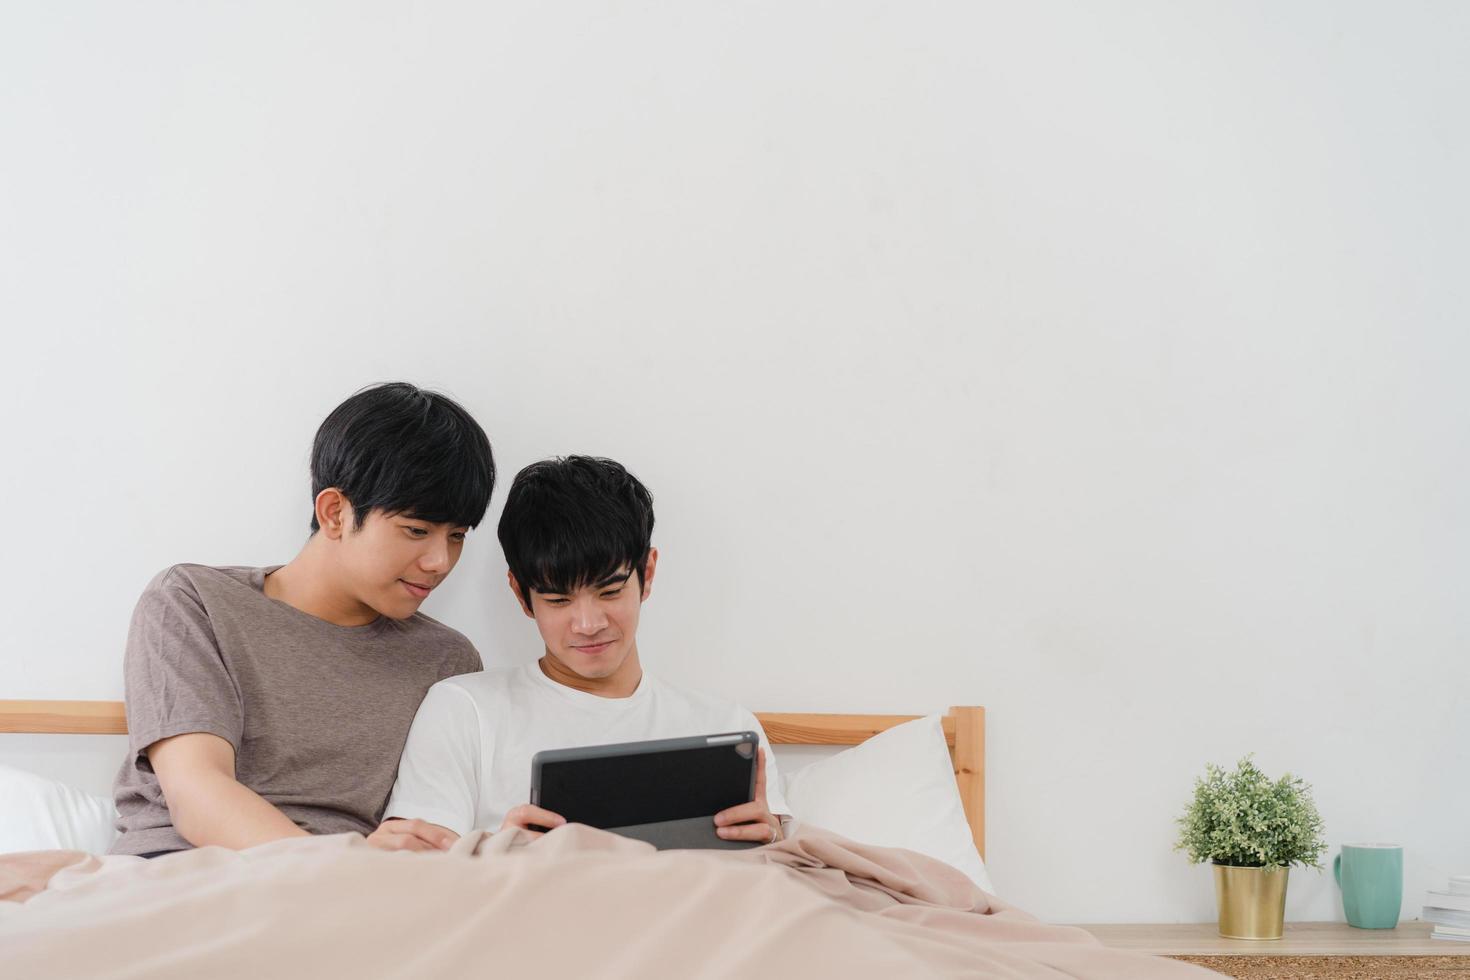 joven pareja gay asiática usando tableta en casa foto